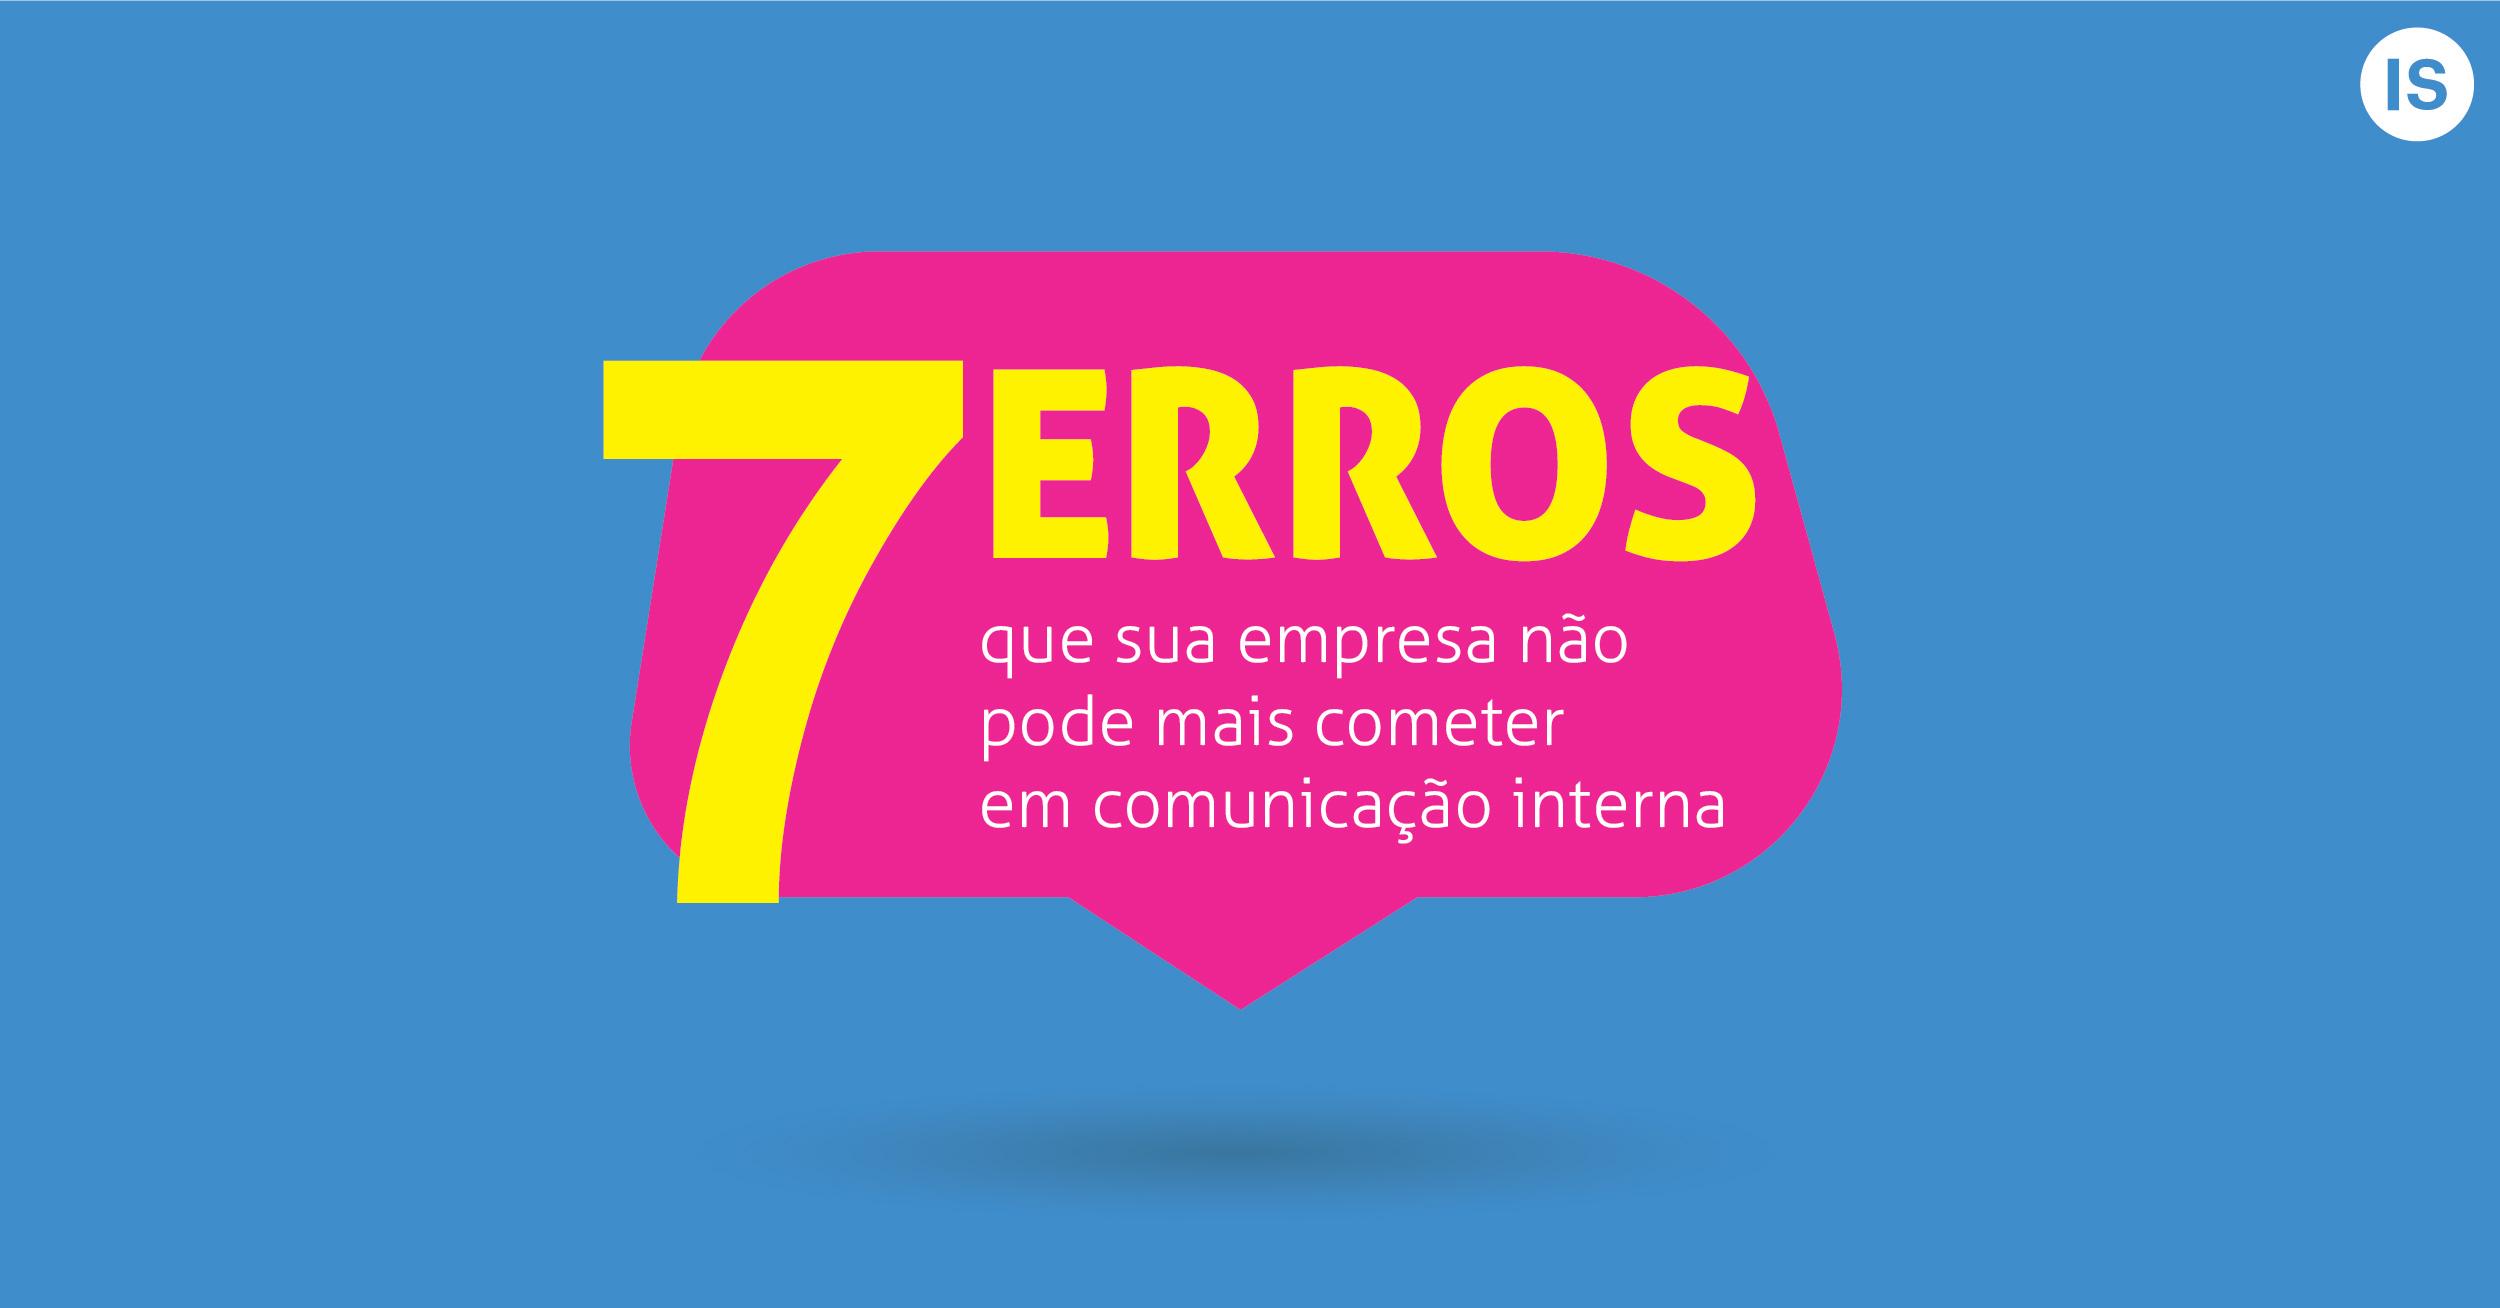 7 erros que sua empresa não pode mais cometer em comunicação interna